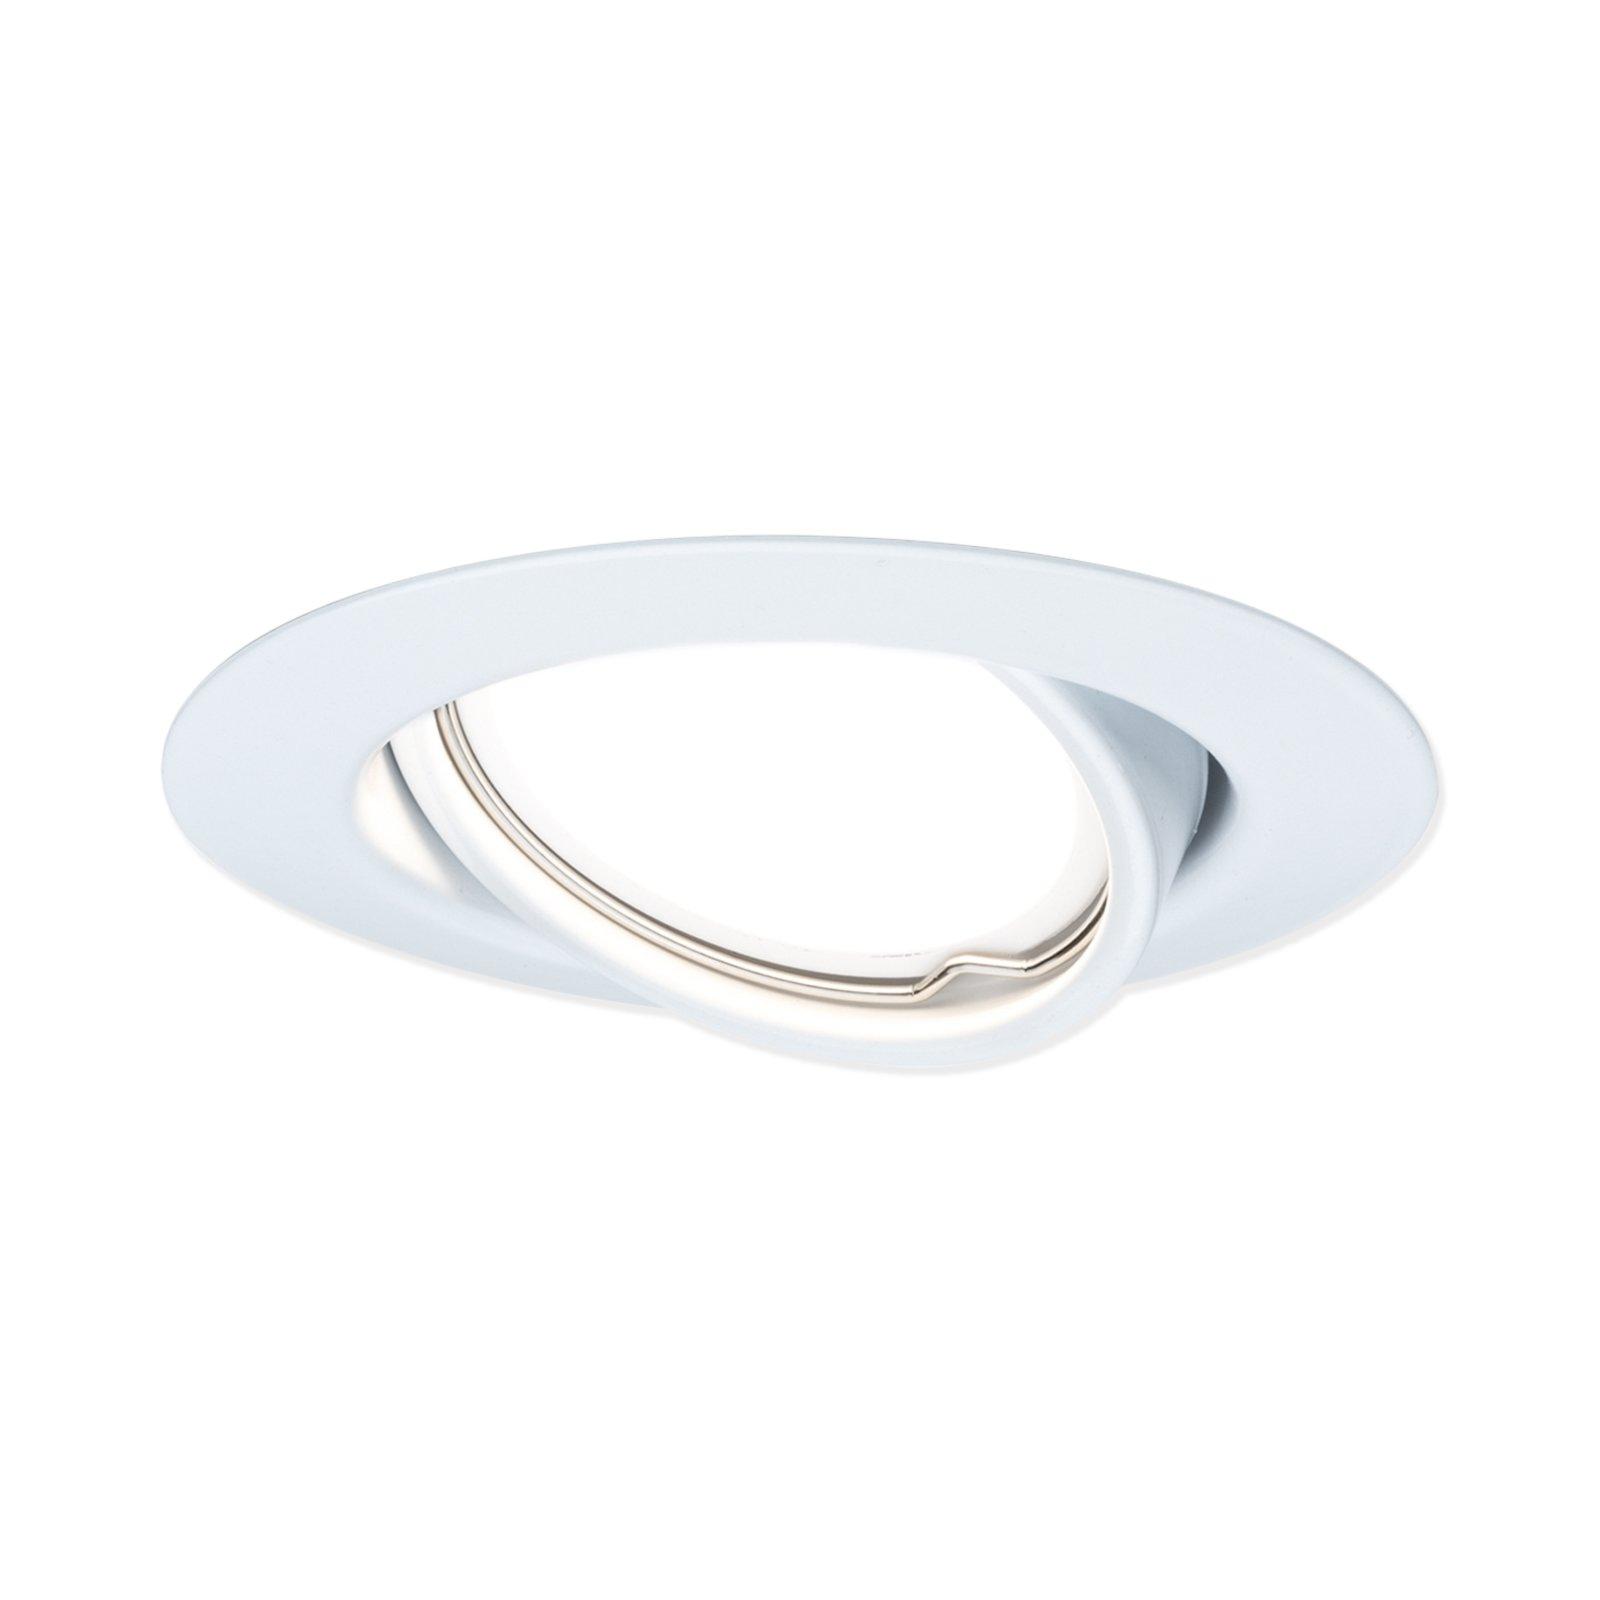 3er-Set - LED-Einbauspots - weiß - schwenkbar